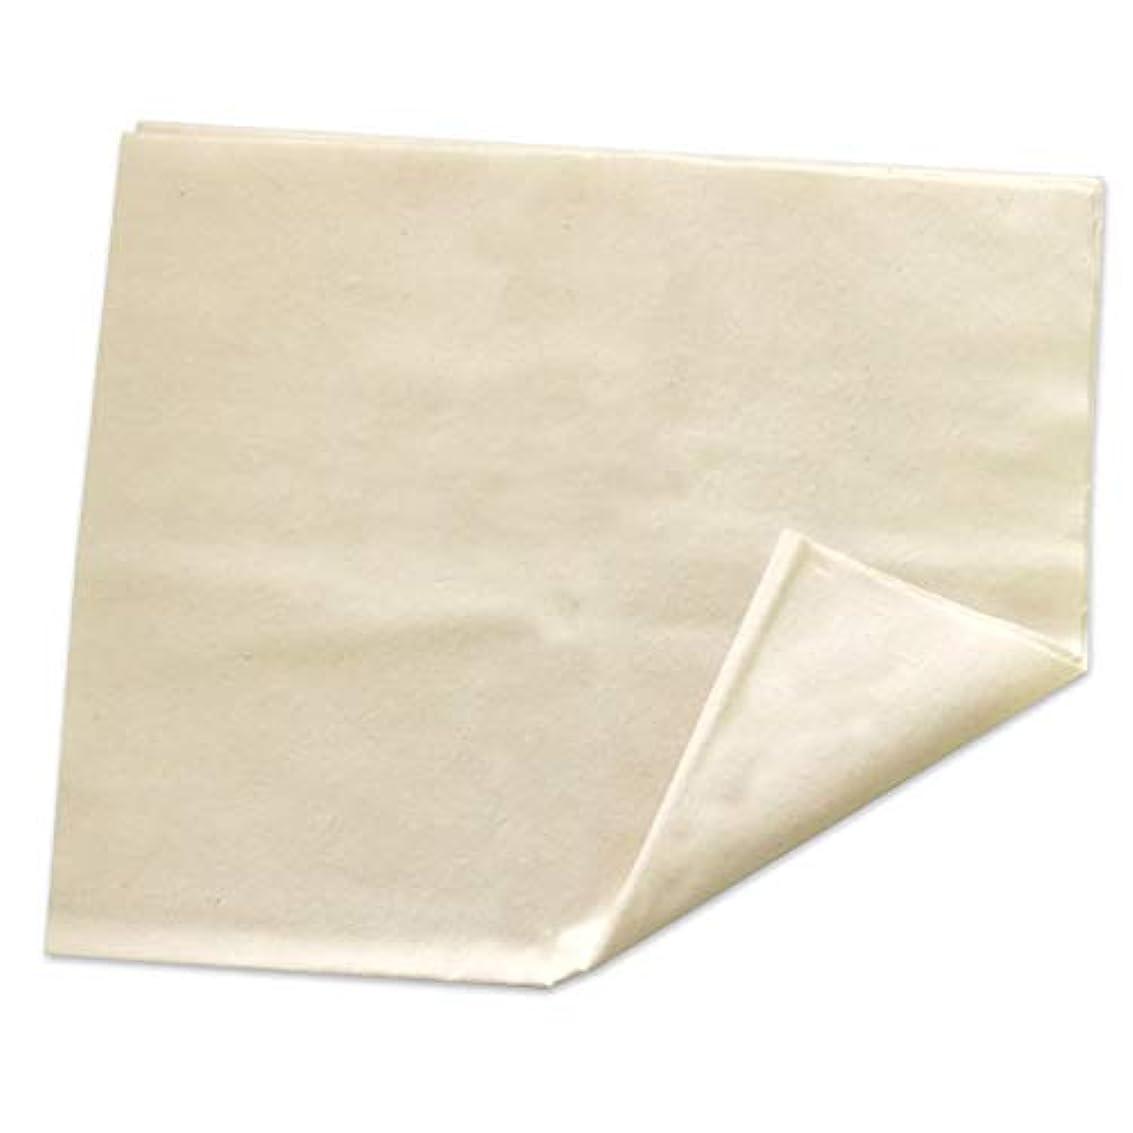 シールドケージ謙虚なコットンフランネル (コットンネル生地、綿100%、ヒマシ油パック、パック、ひまし油パック)